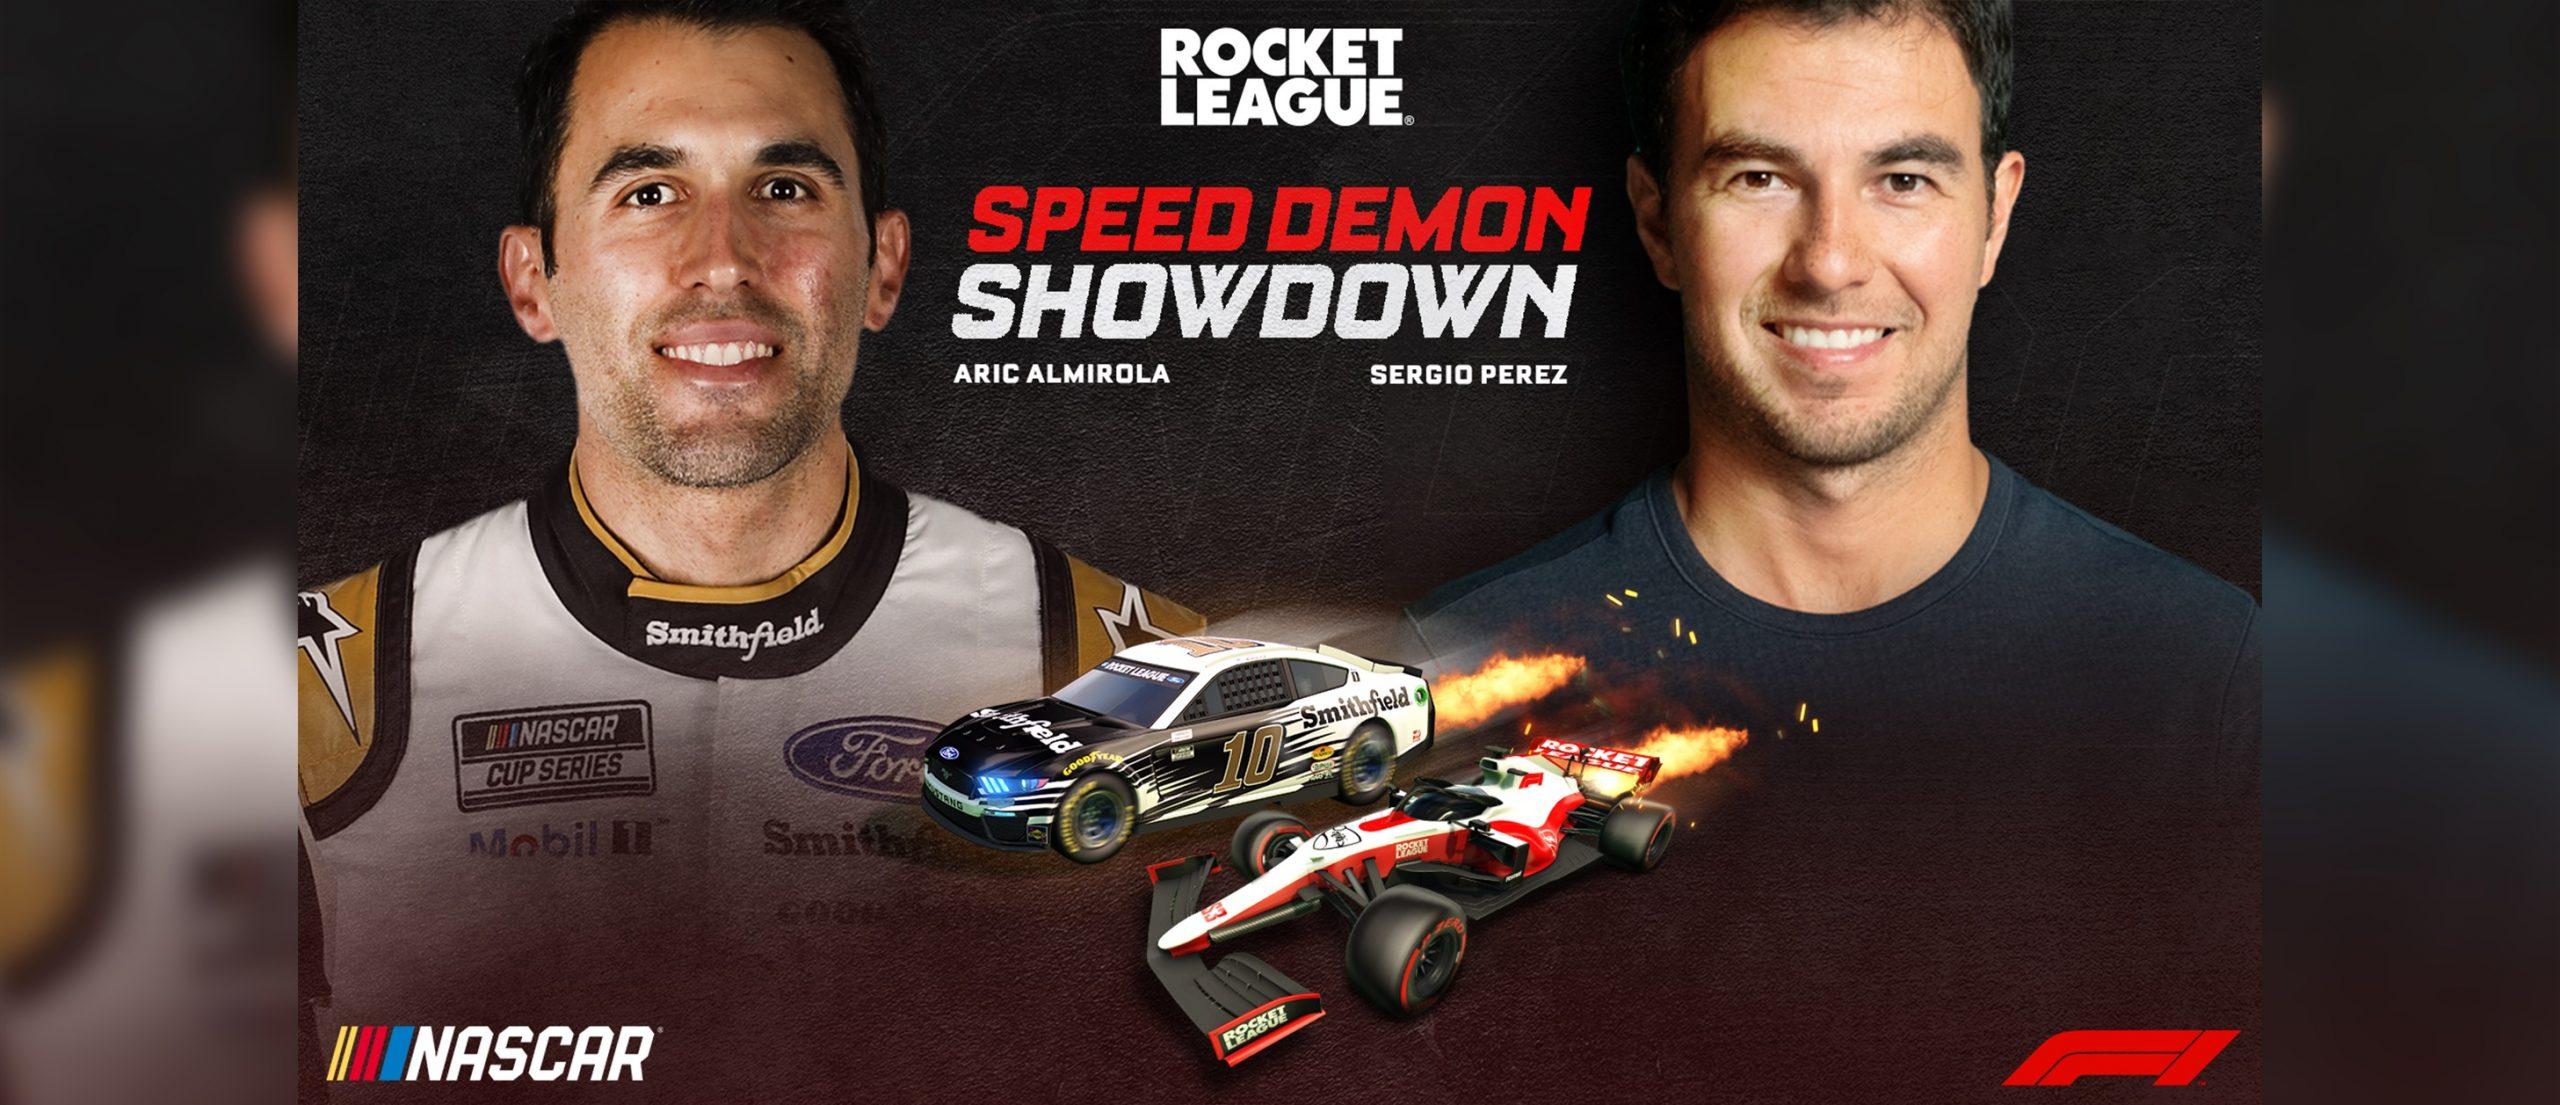 WHEN F1 TOOK ON NASCAR IN ROCKET LEAGUE!